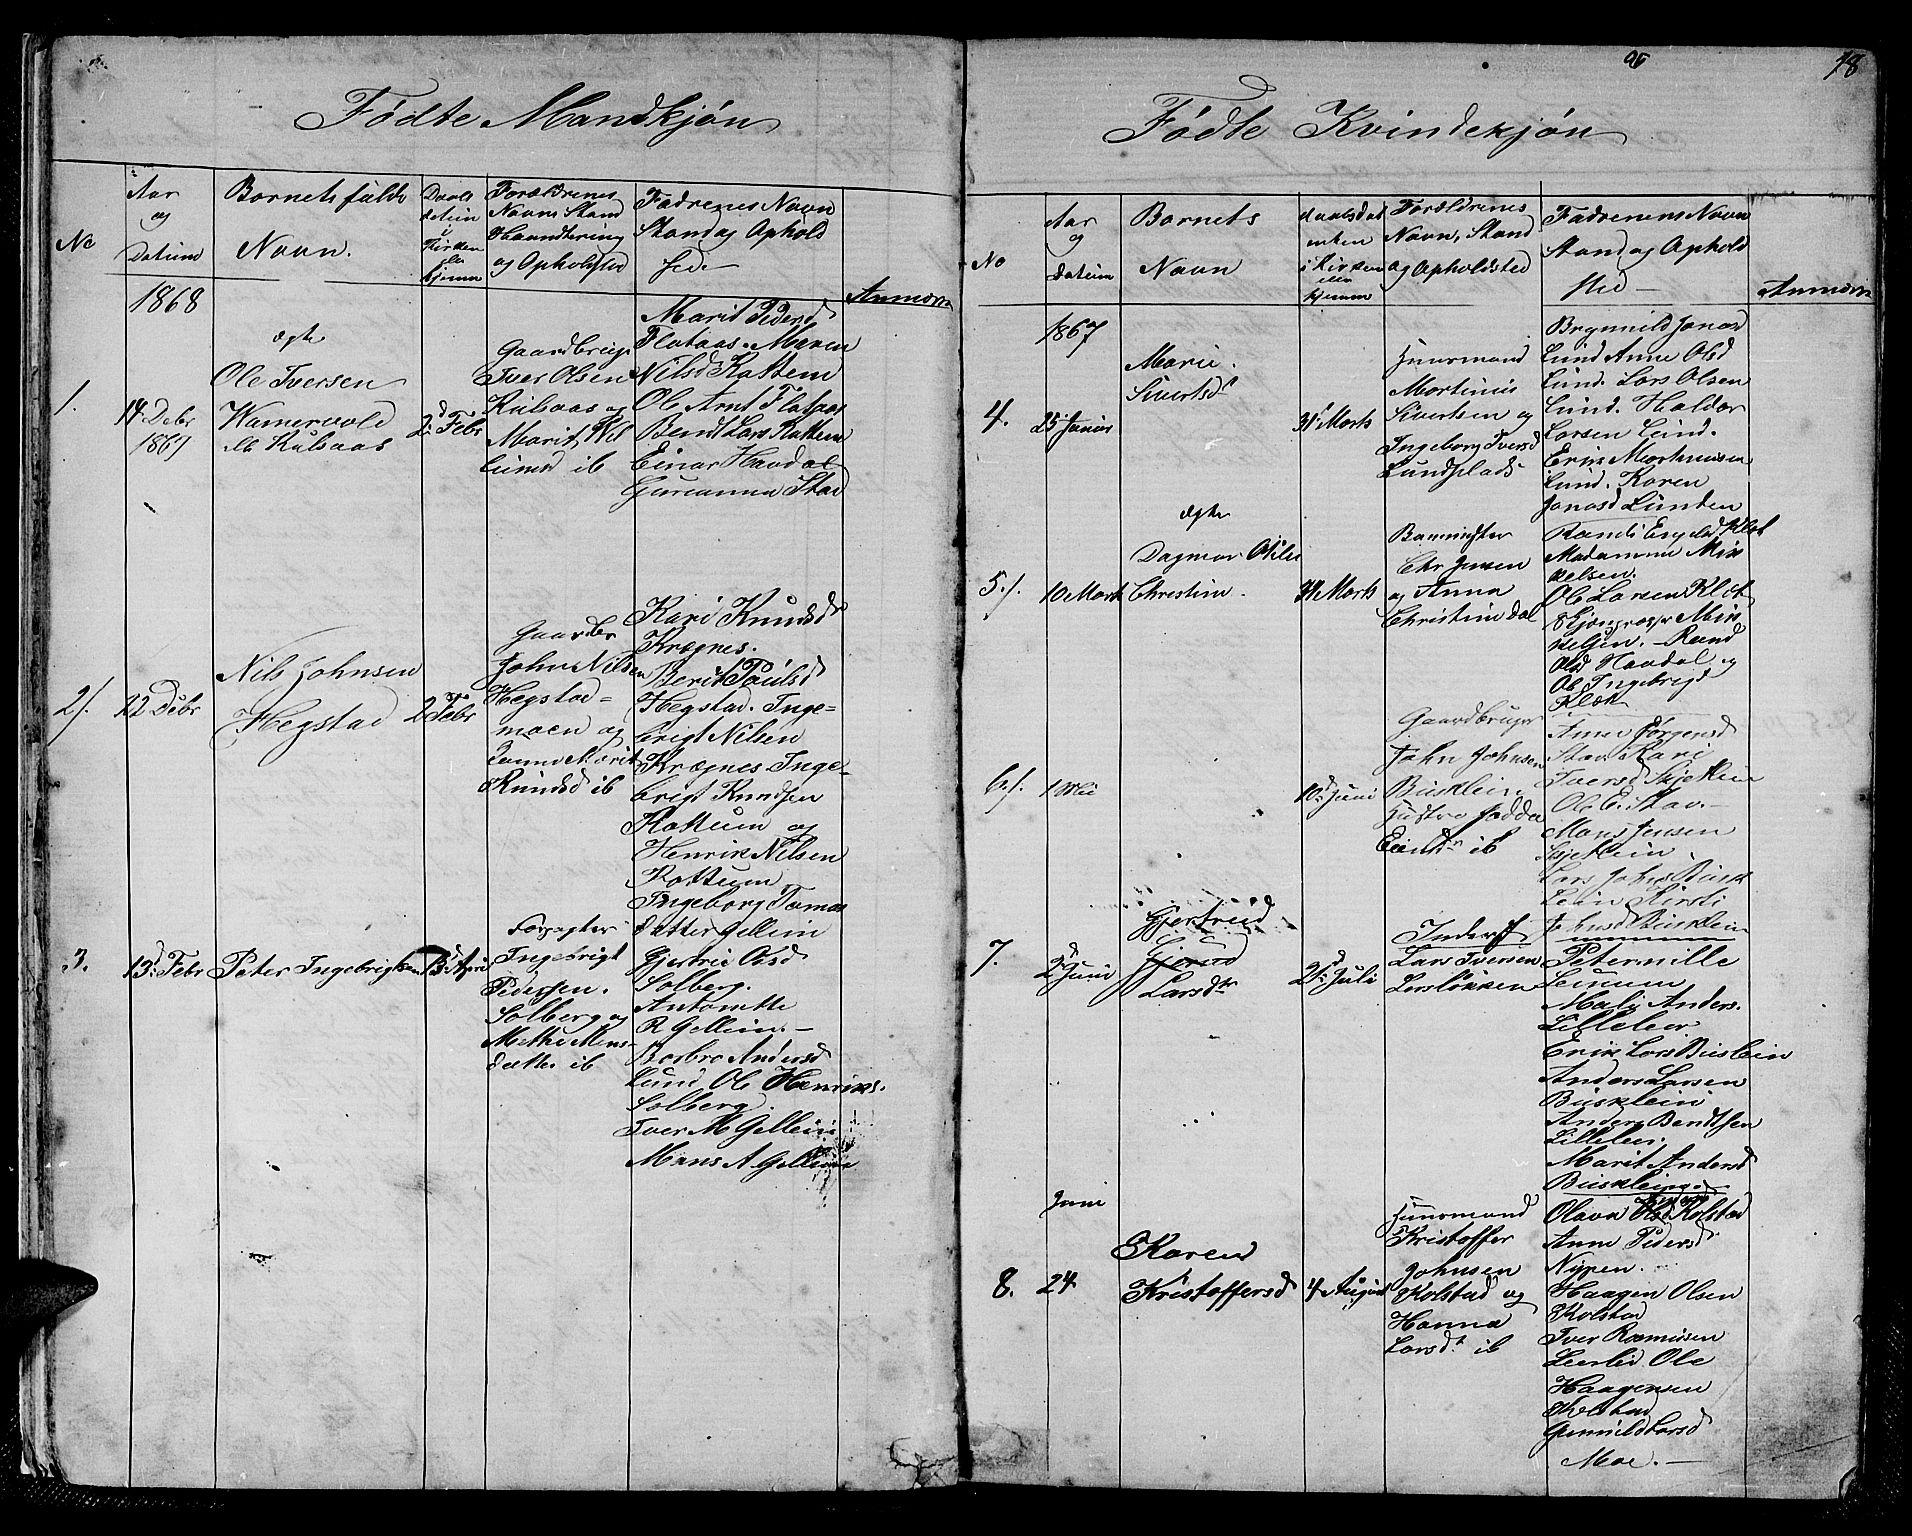 SAT, Ministerialprotokoller, klokkerbøker og fødselsregistre - Sør-Trøndelag, 613/L0394: Klokkerbok nr. 613C02, 1862-1886, s. 18